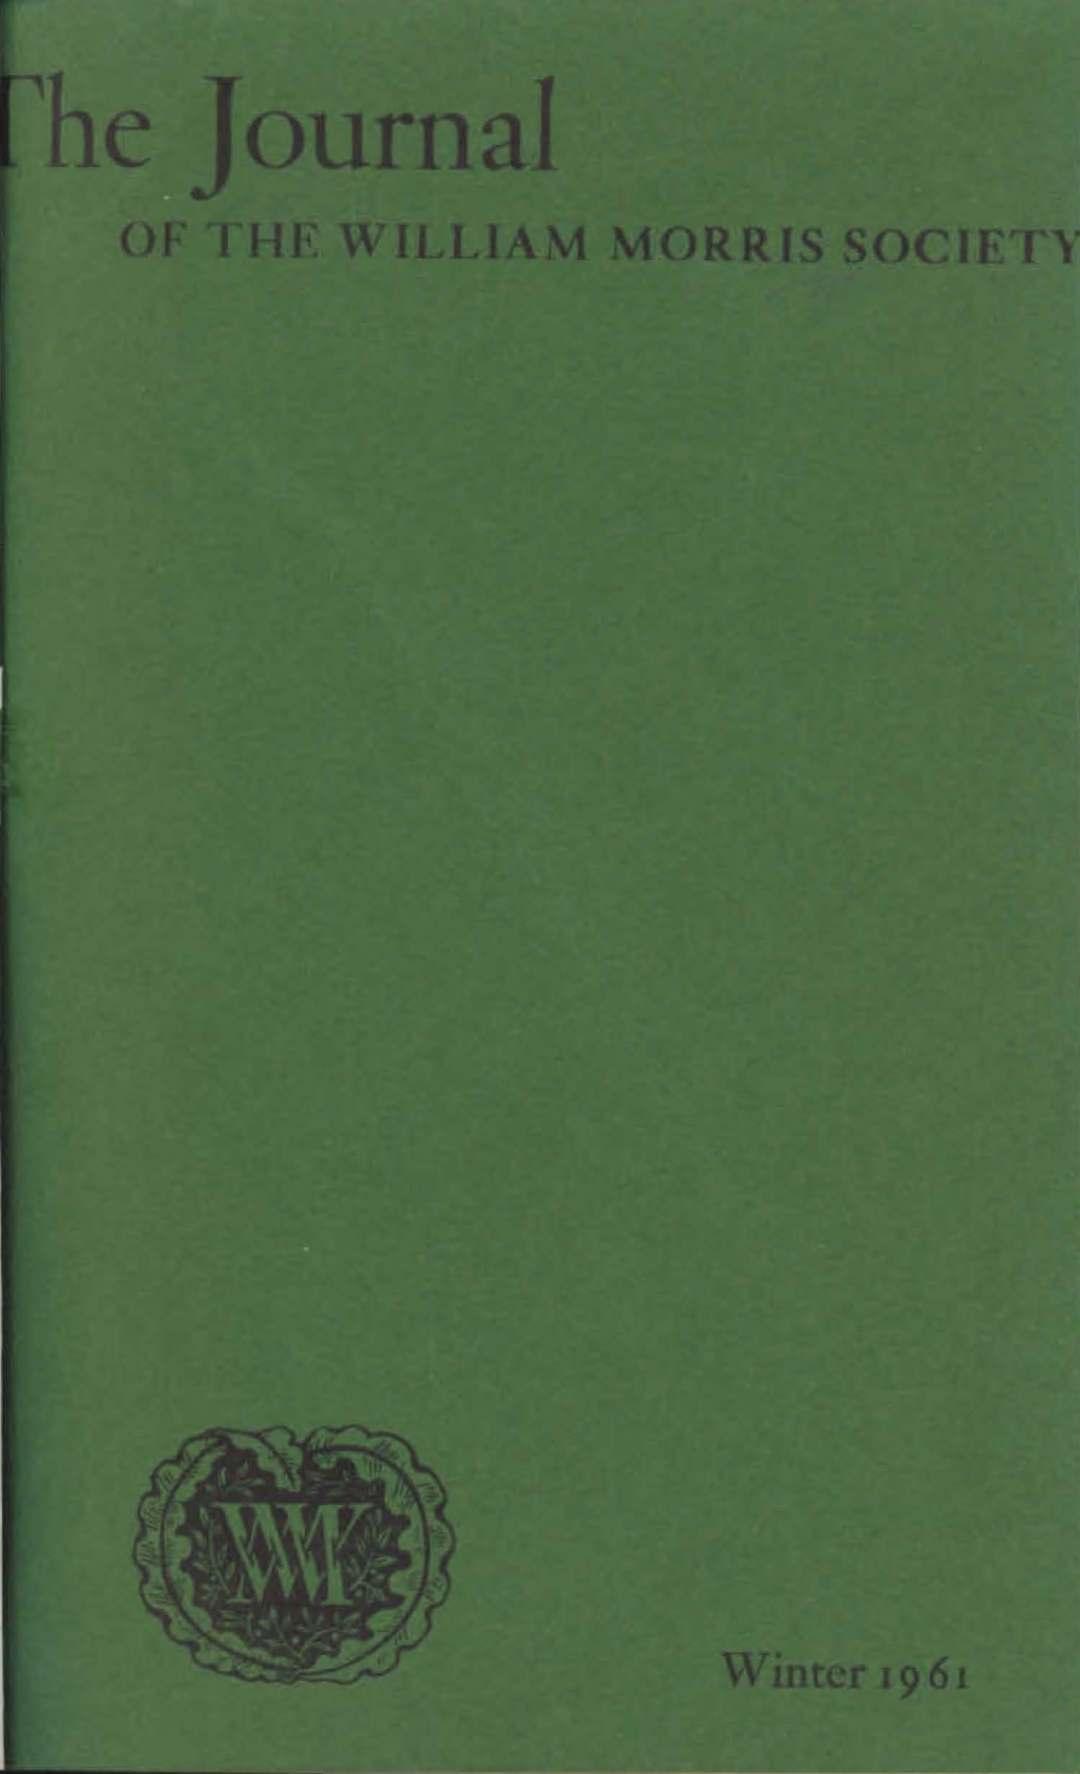 Journal of William Morris Studies Volume 1 Issue 1 cover.